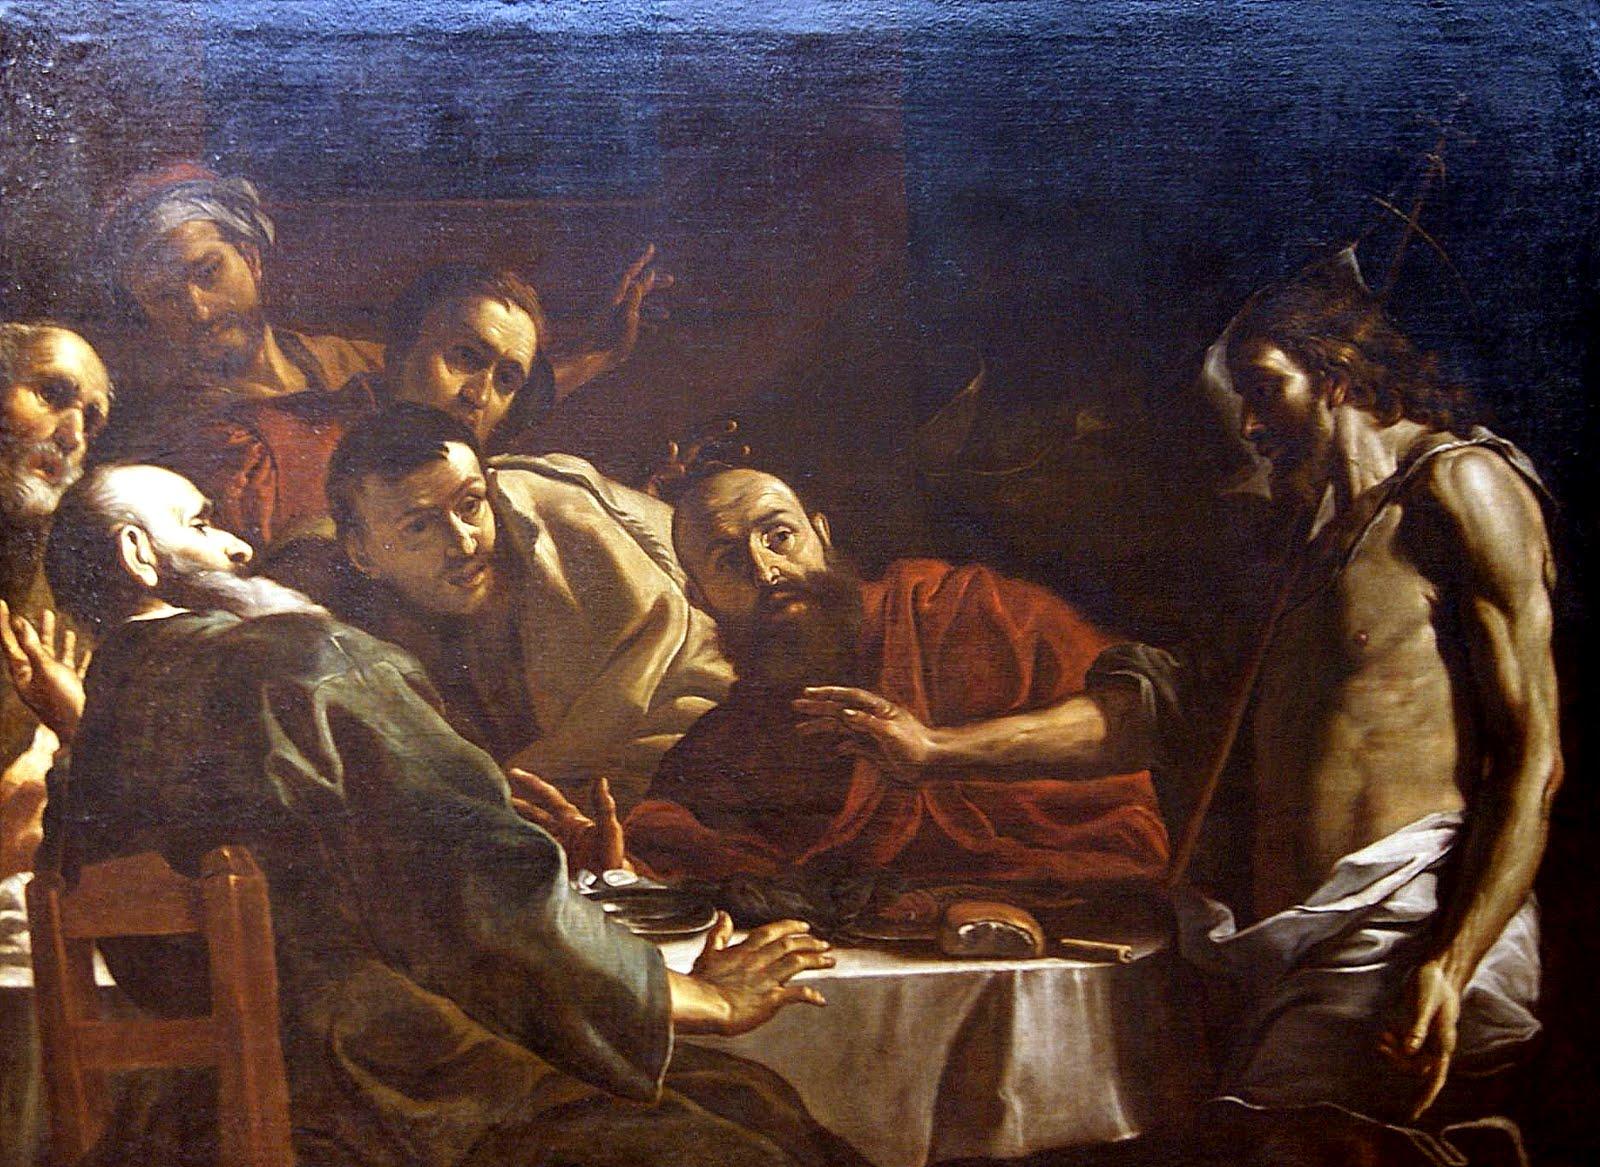 Cristo recucitado en el Cenáculo-Mattia Preti, 1675-Donación Peralbo Godoy